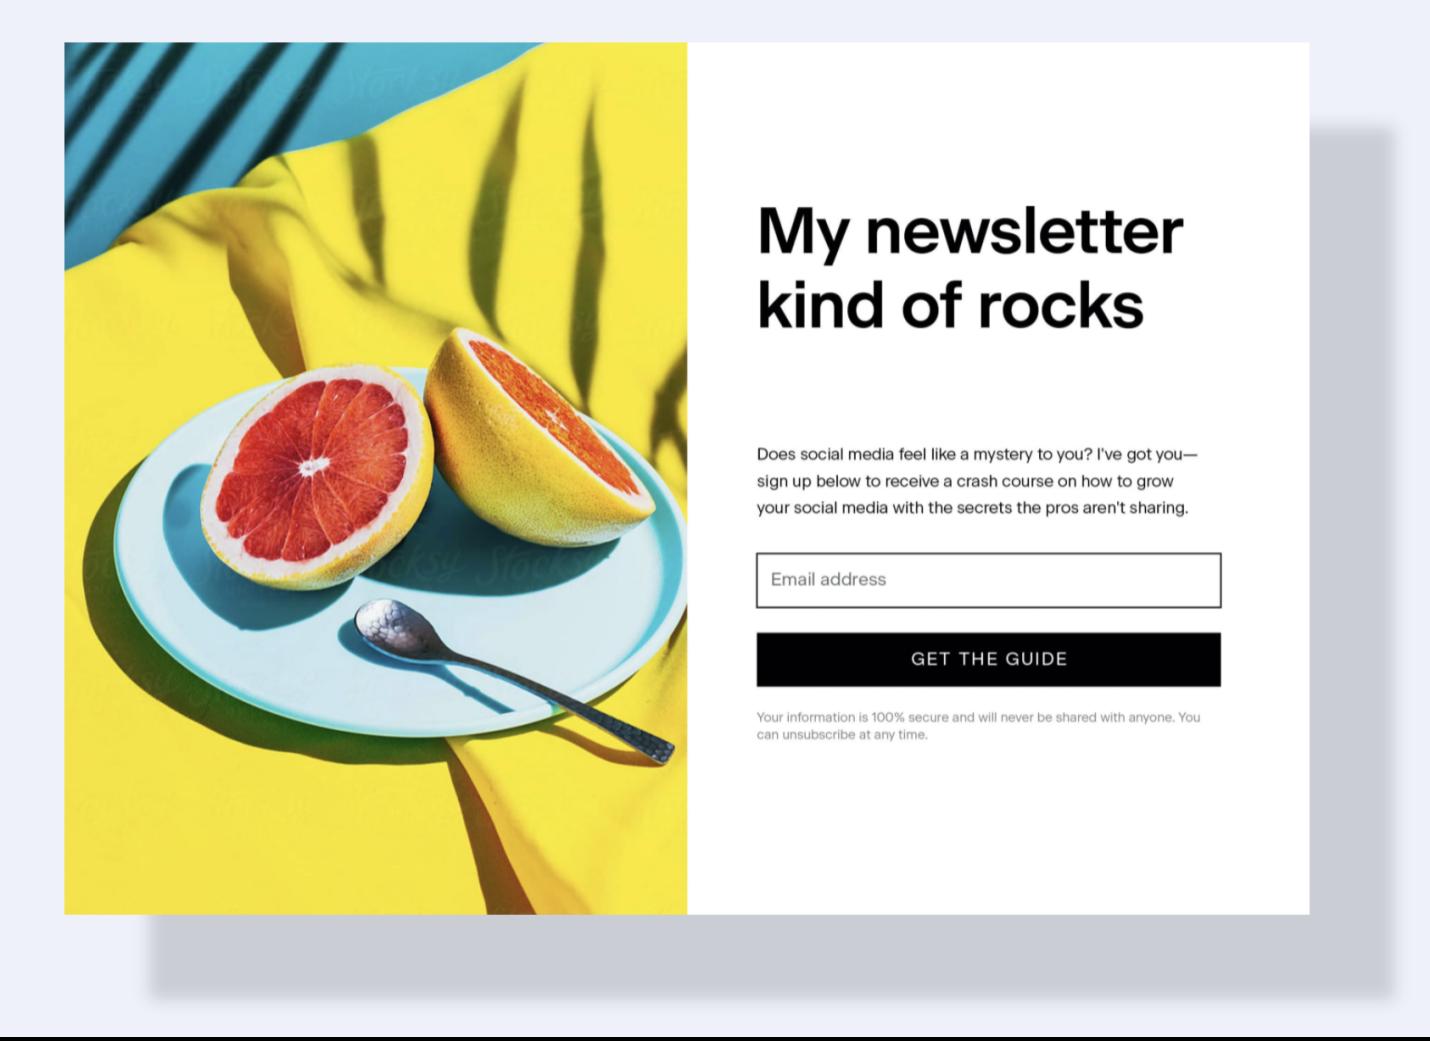 newsletter marketing tips for startups